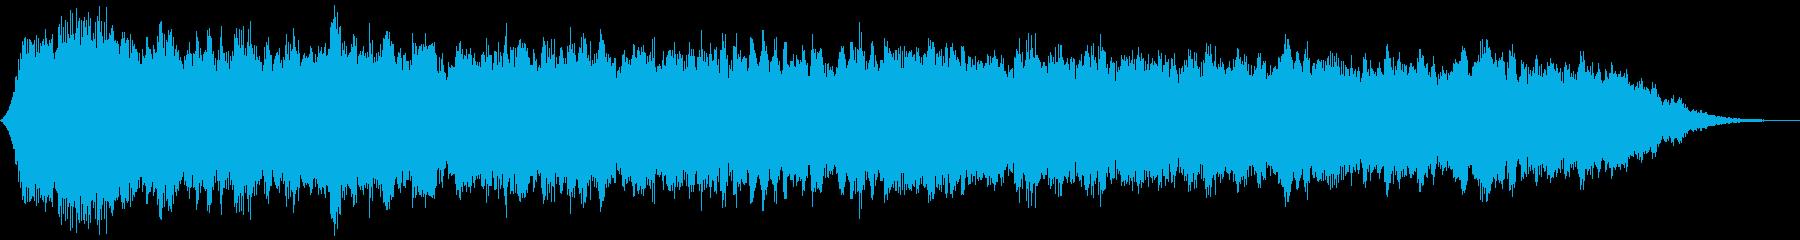 【ホラー】ダークアンビエント_01 暗闇の再生済みの波形